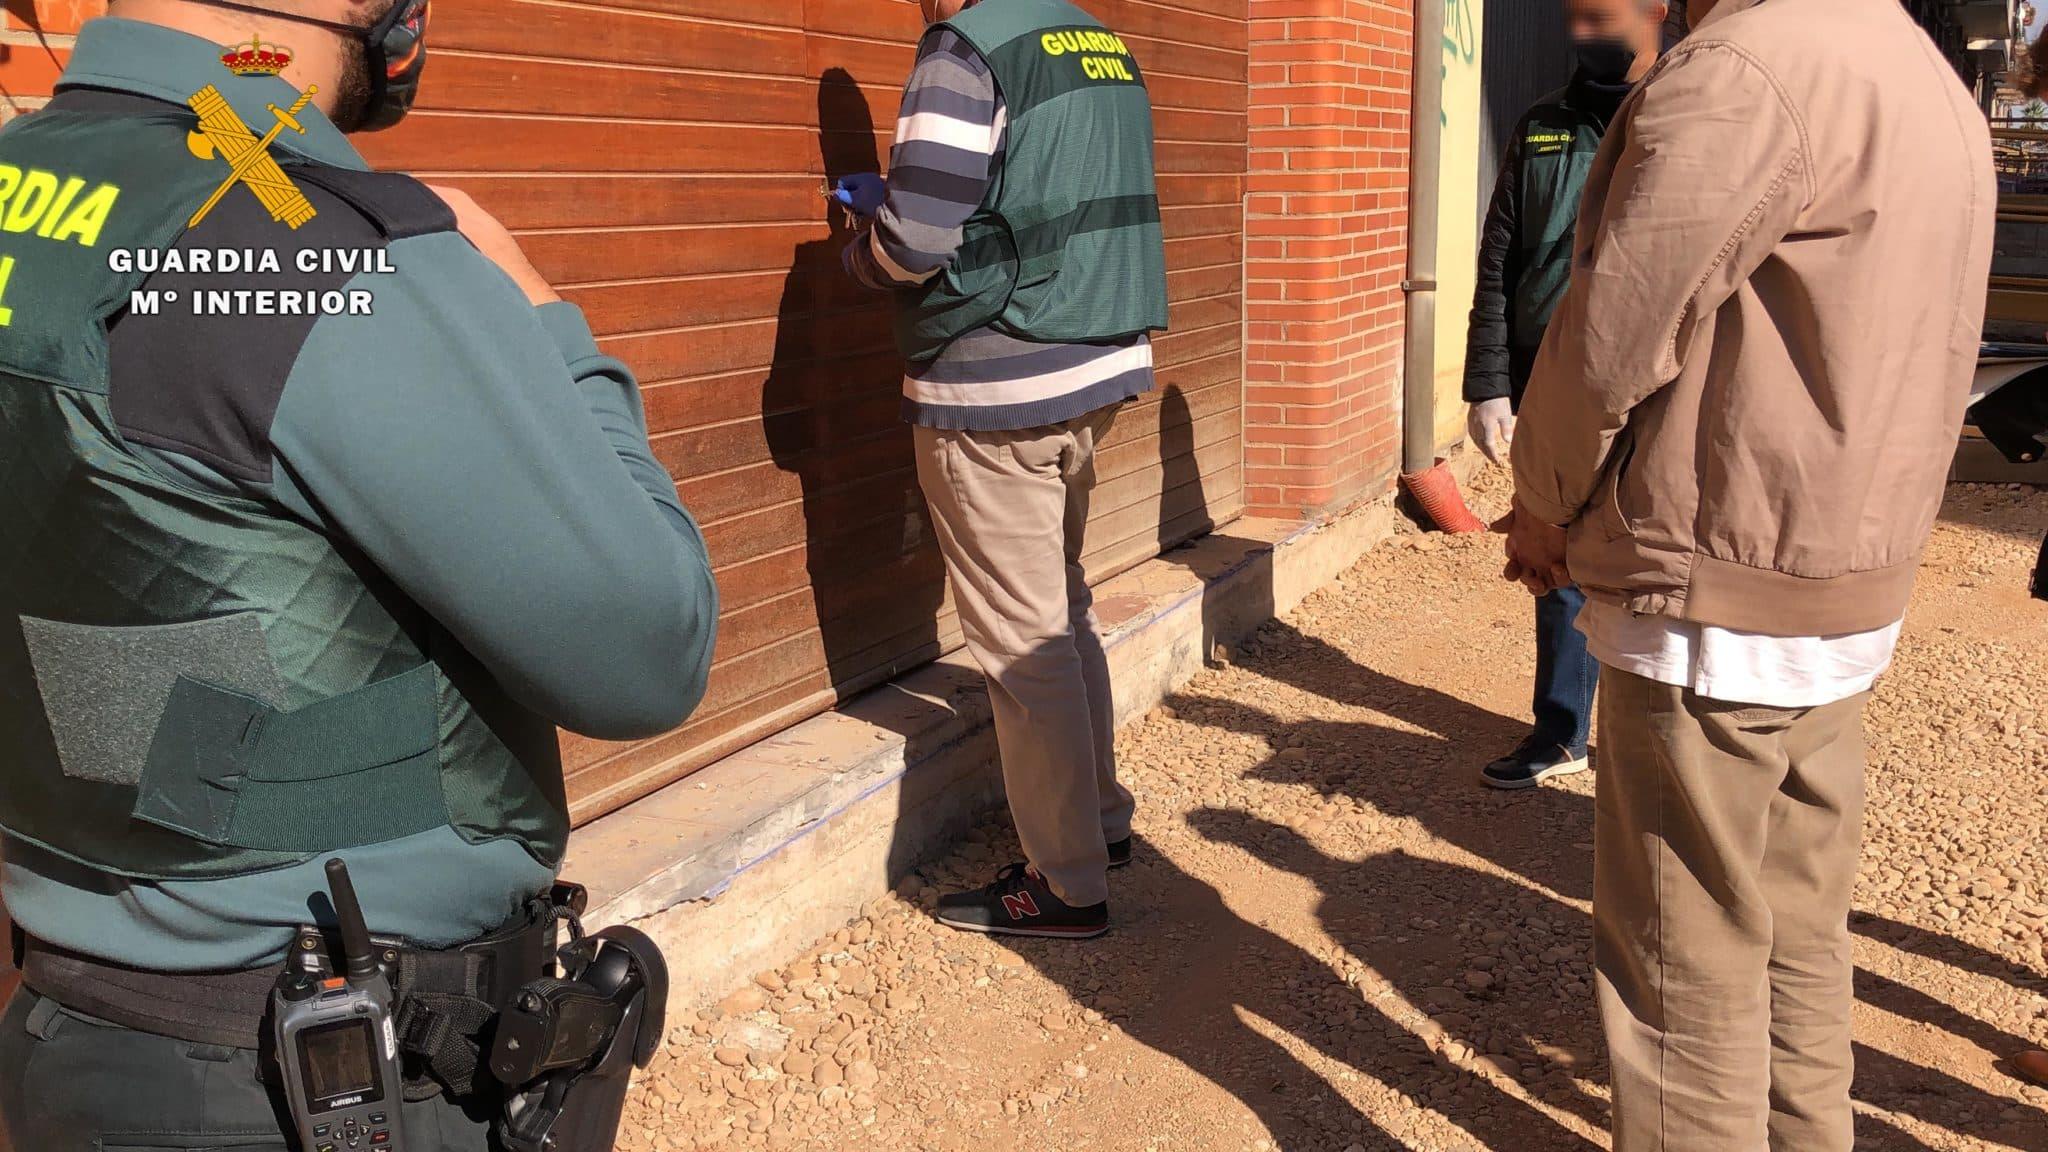 Nuevo golpe al tráfico de cocaína y 'speed' en Calahorra 3